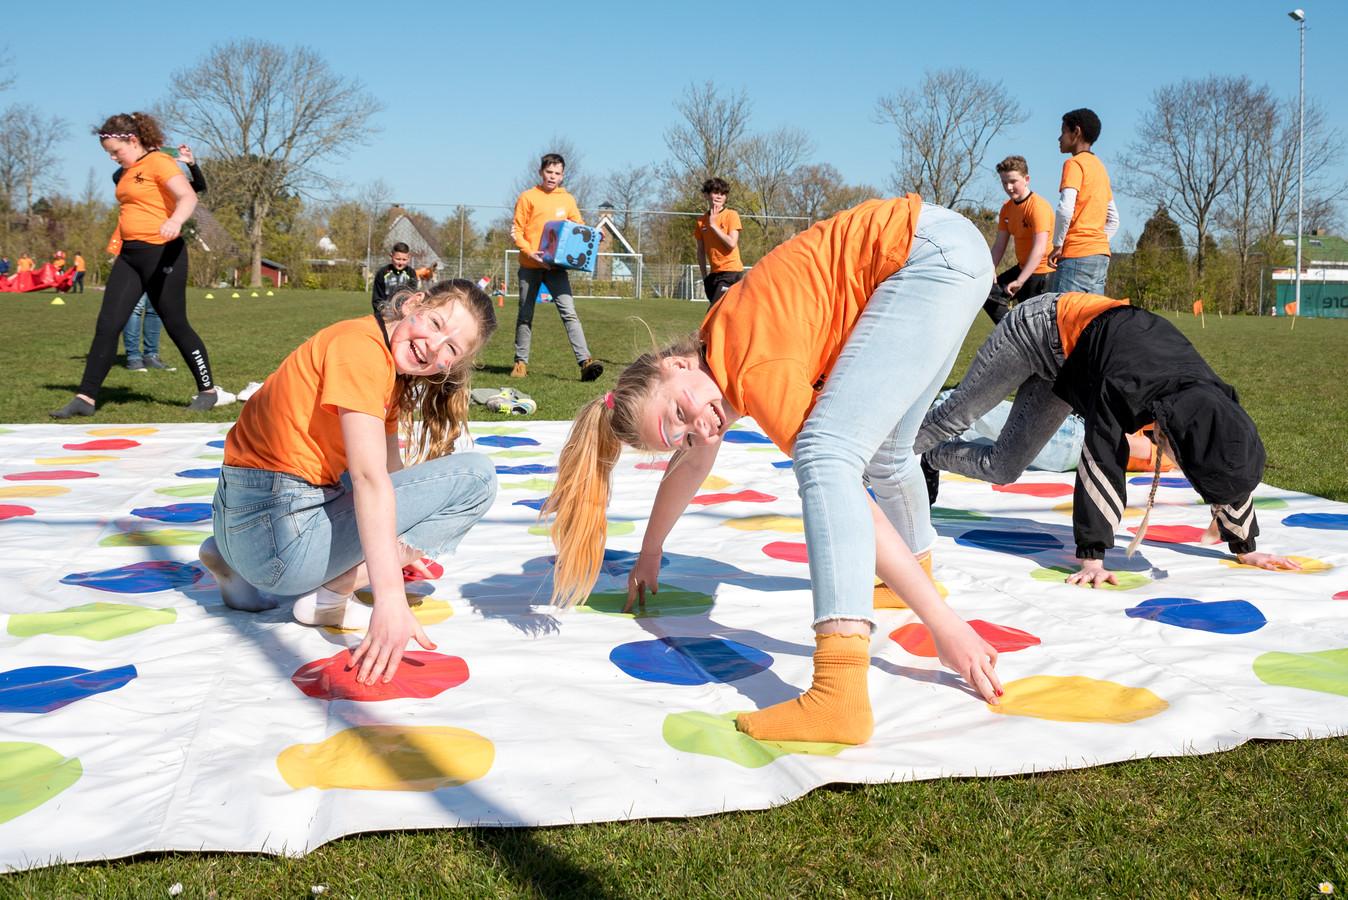 Leerlingen Jasmijn Noordzij, Mechteld Vlam en Maud Mulder (vlnr) houden het het langste vol op met reuzentwister tijdens de koningsspelen op het terrein van voetbalclub Z.S.C. in Scharendijke.